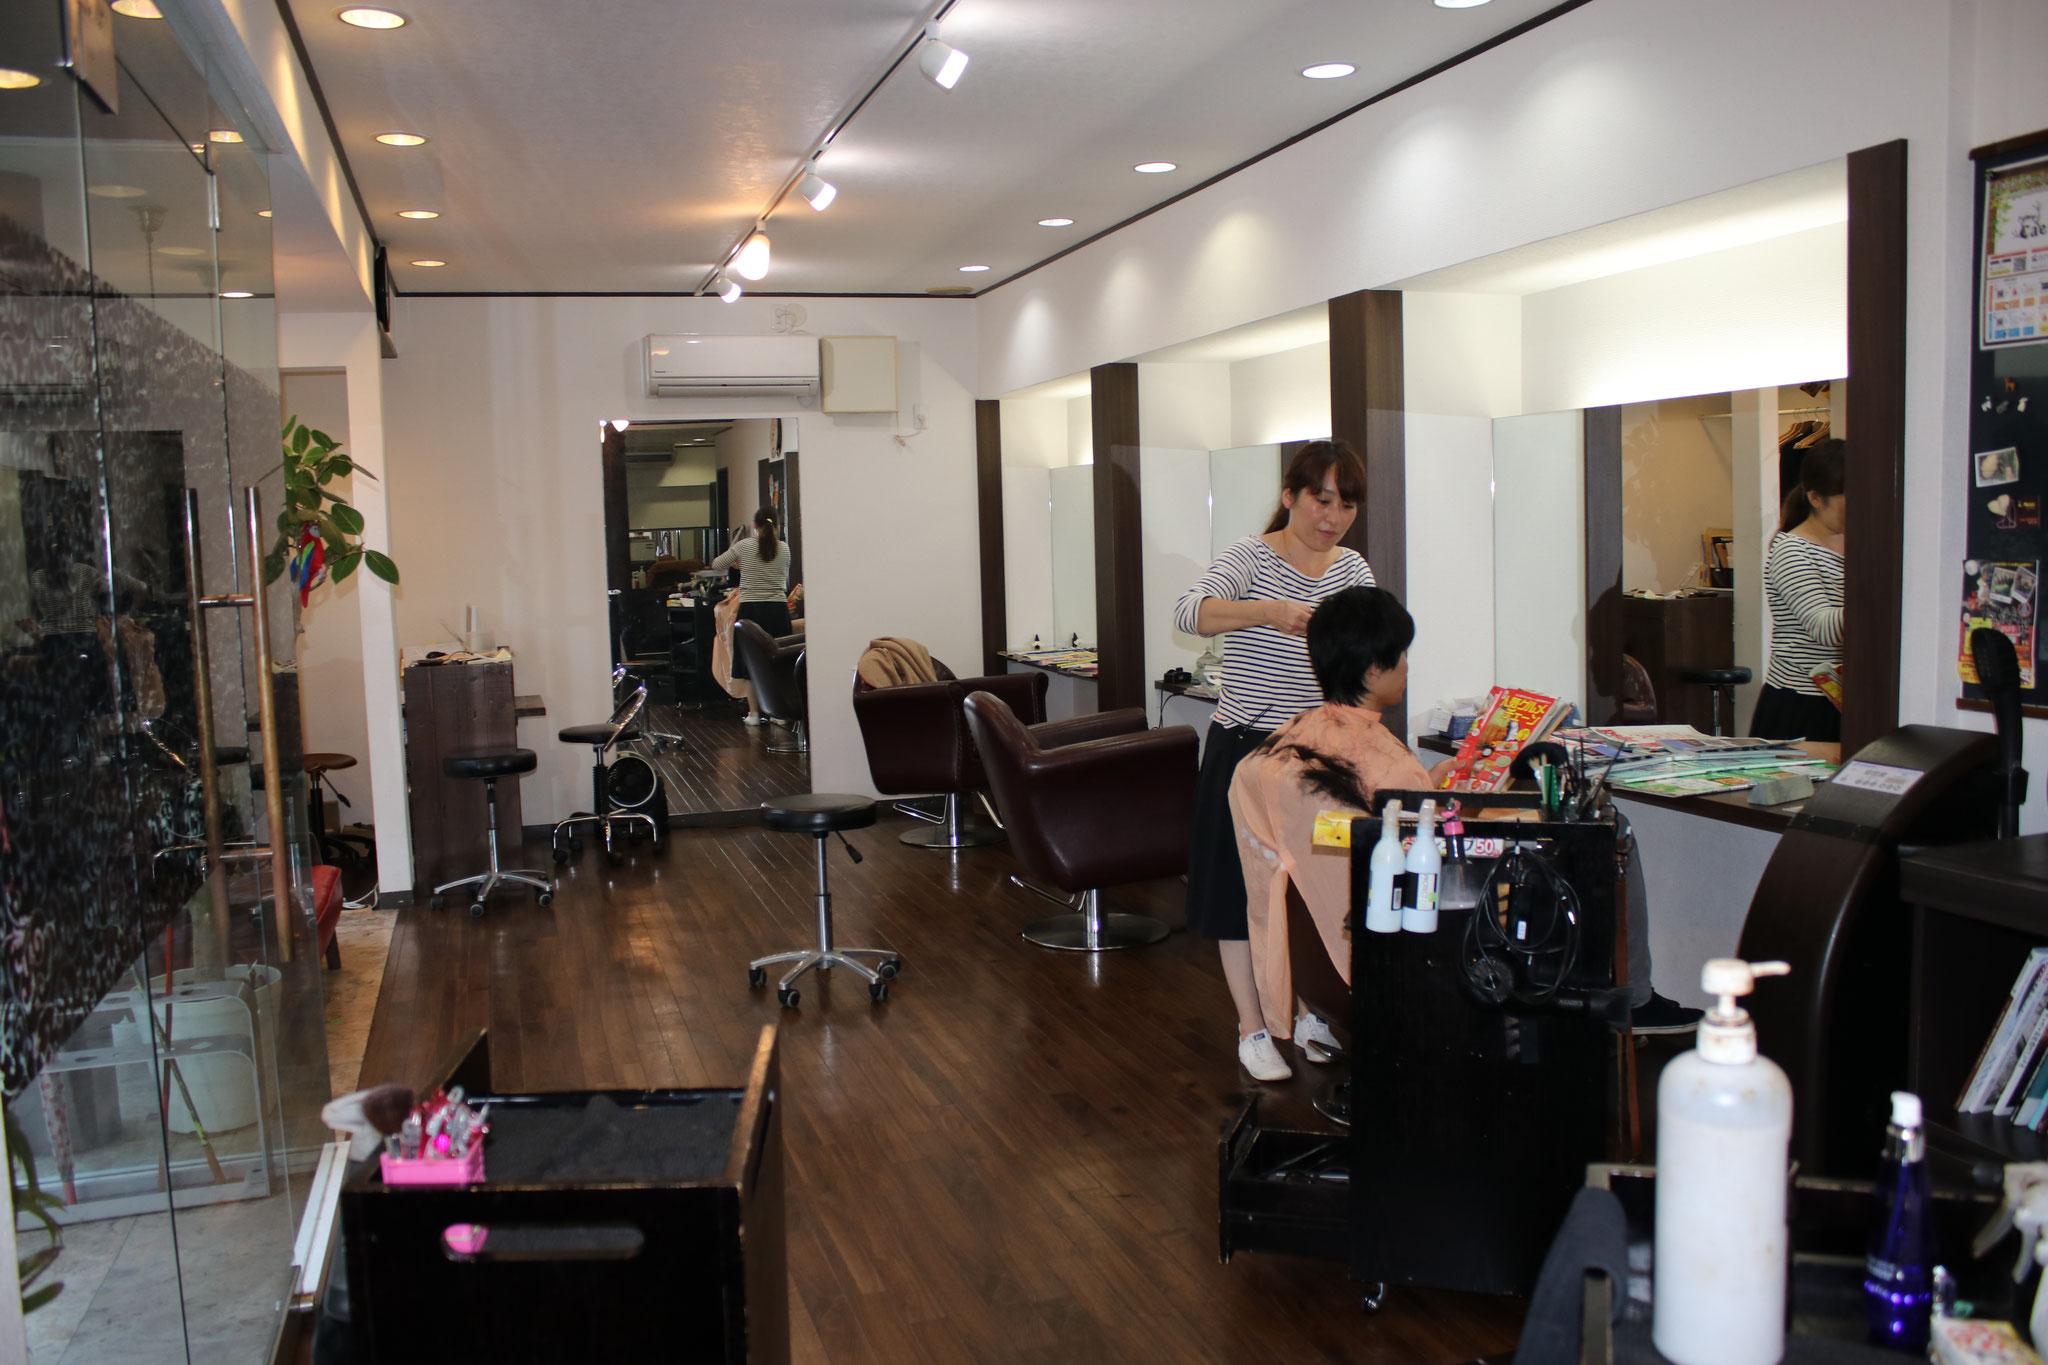 美容室「Perm.to.caelu(カエル)」です。髪型を変えて、気分が変わる。 おうちに帰るのが楽しみになる。 変えることで、生まれかわった気持ちになれる。 そんなサロンであり続けたいと想っております。